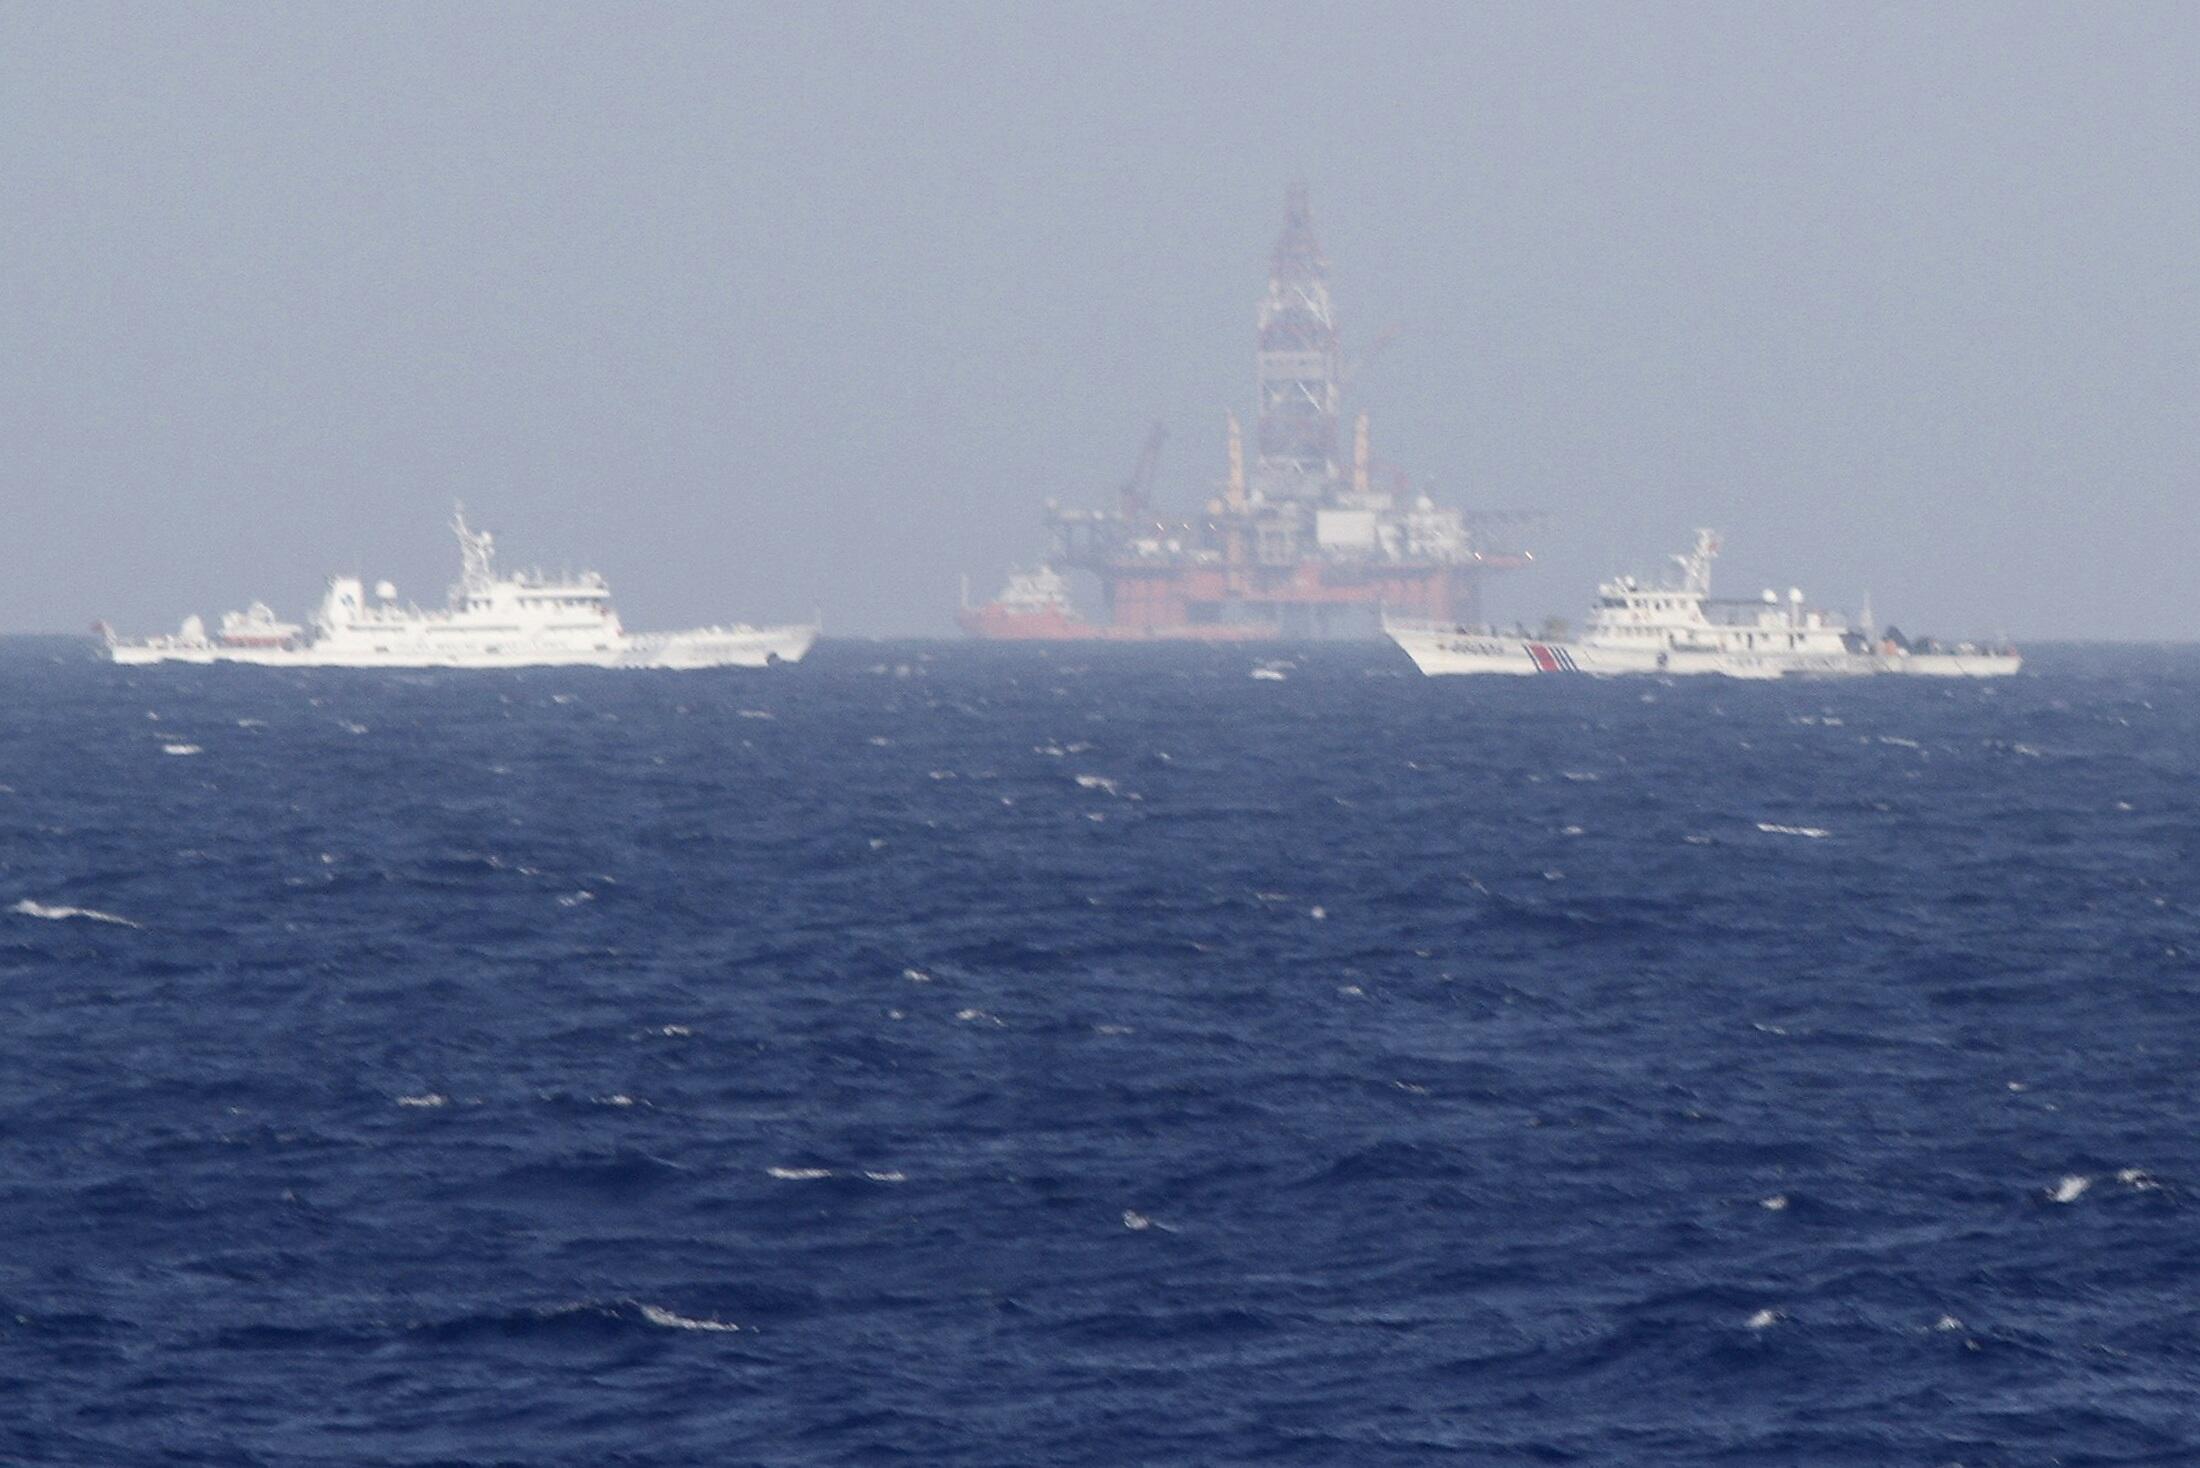 Giàn khoan HD-981 ngang nhiên xâm phạm vùng đặc quyền kinh tế Việt Nam tại Biển Đông, với các tàu tuần duyên bảo vệ xung quanh. Ảnh chụp ngày 14/05/2014.